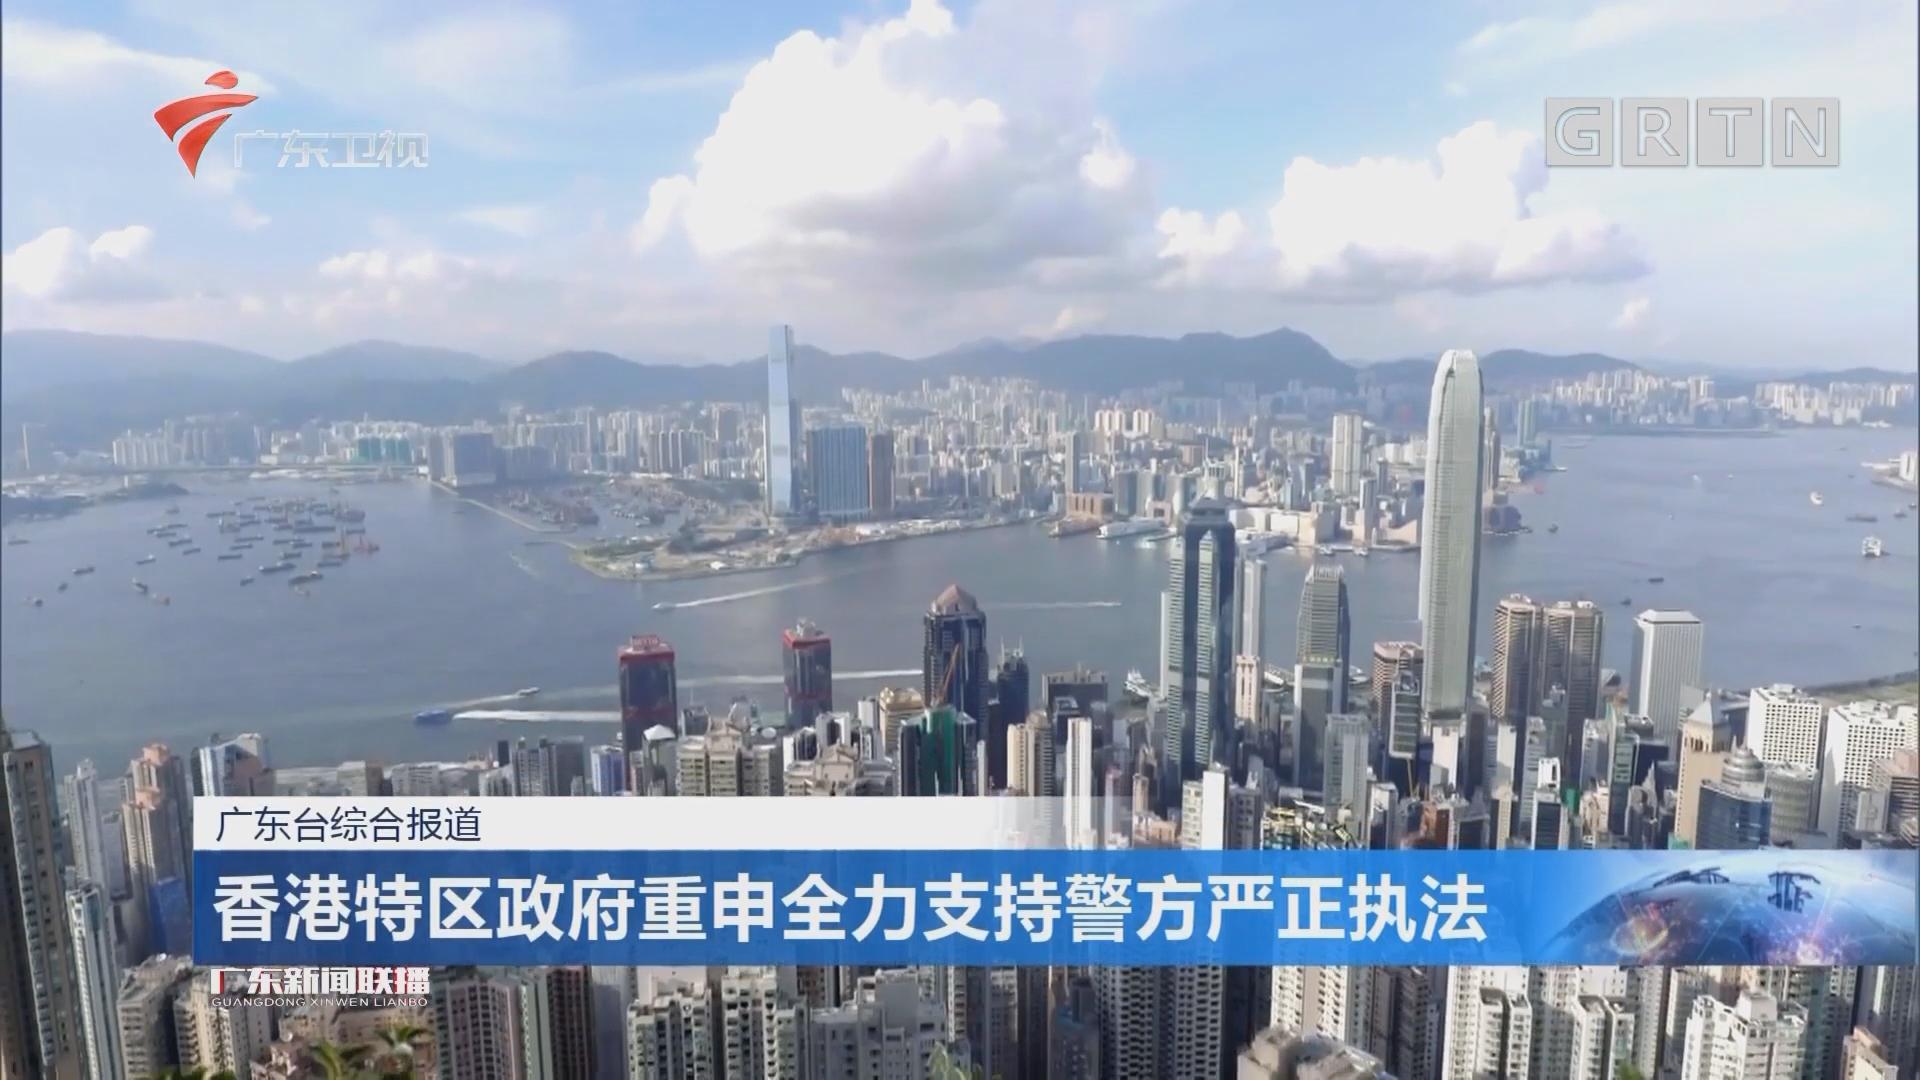 香港特区政府重申全力支持警方严正执法